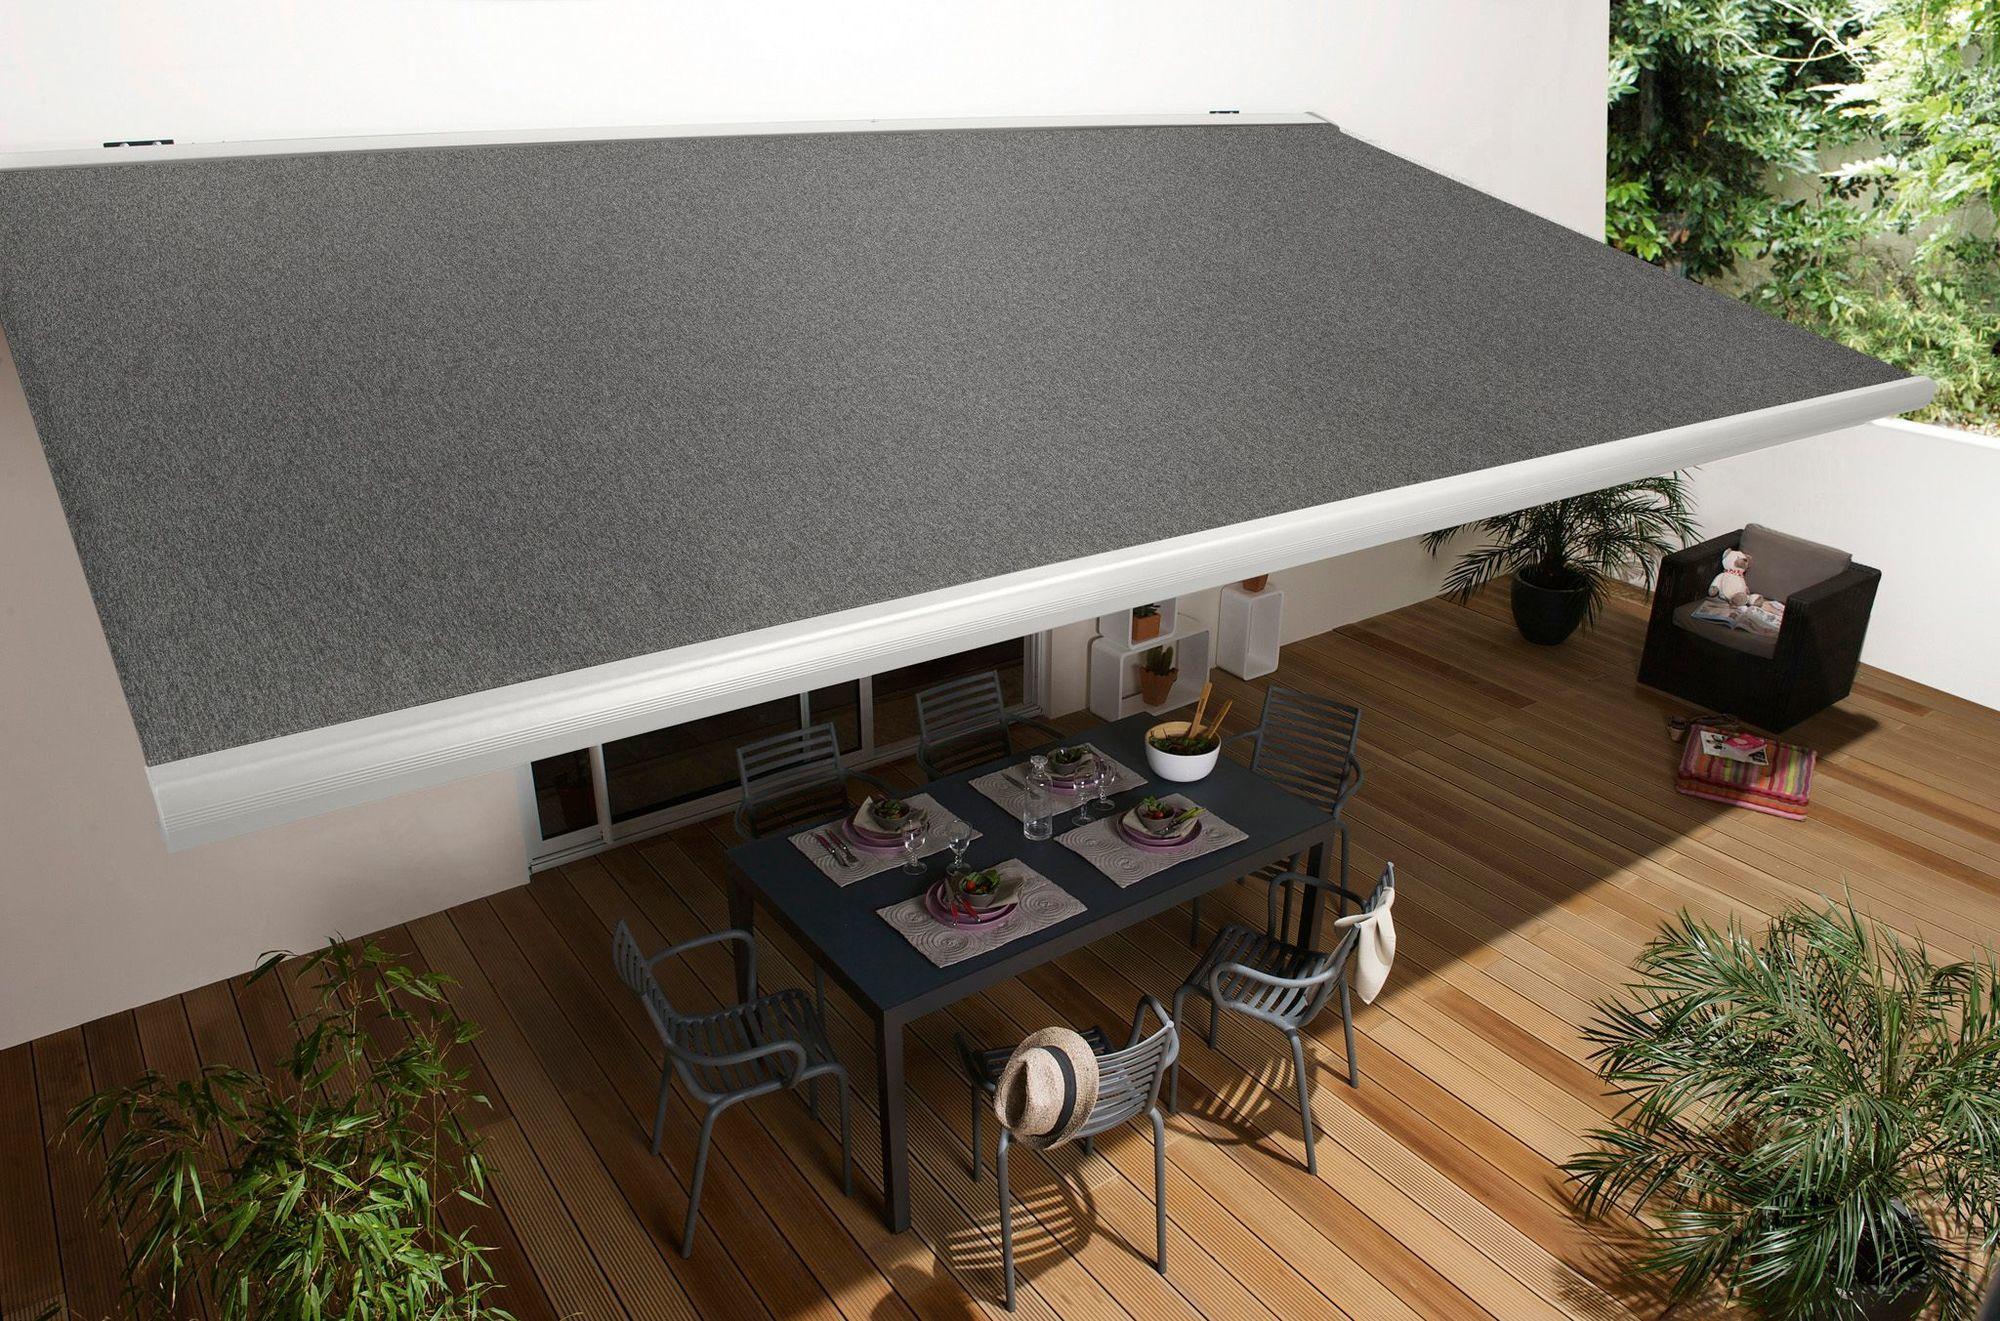 Store Terrasse Exterieur Store Banne Protection Soleil Stores Exterieurs Terrasse Couverture Terrasse